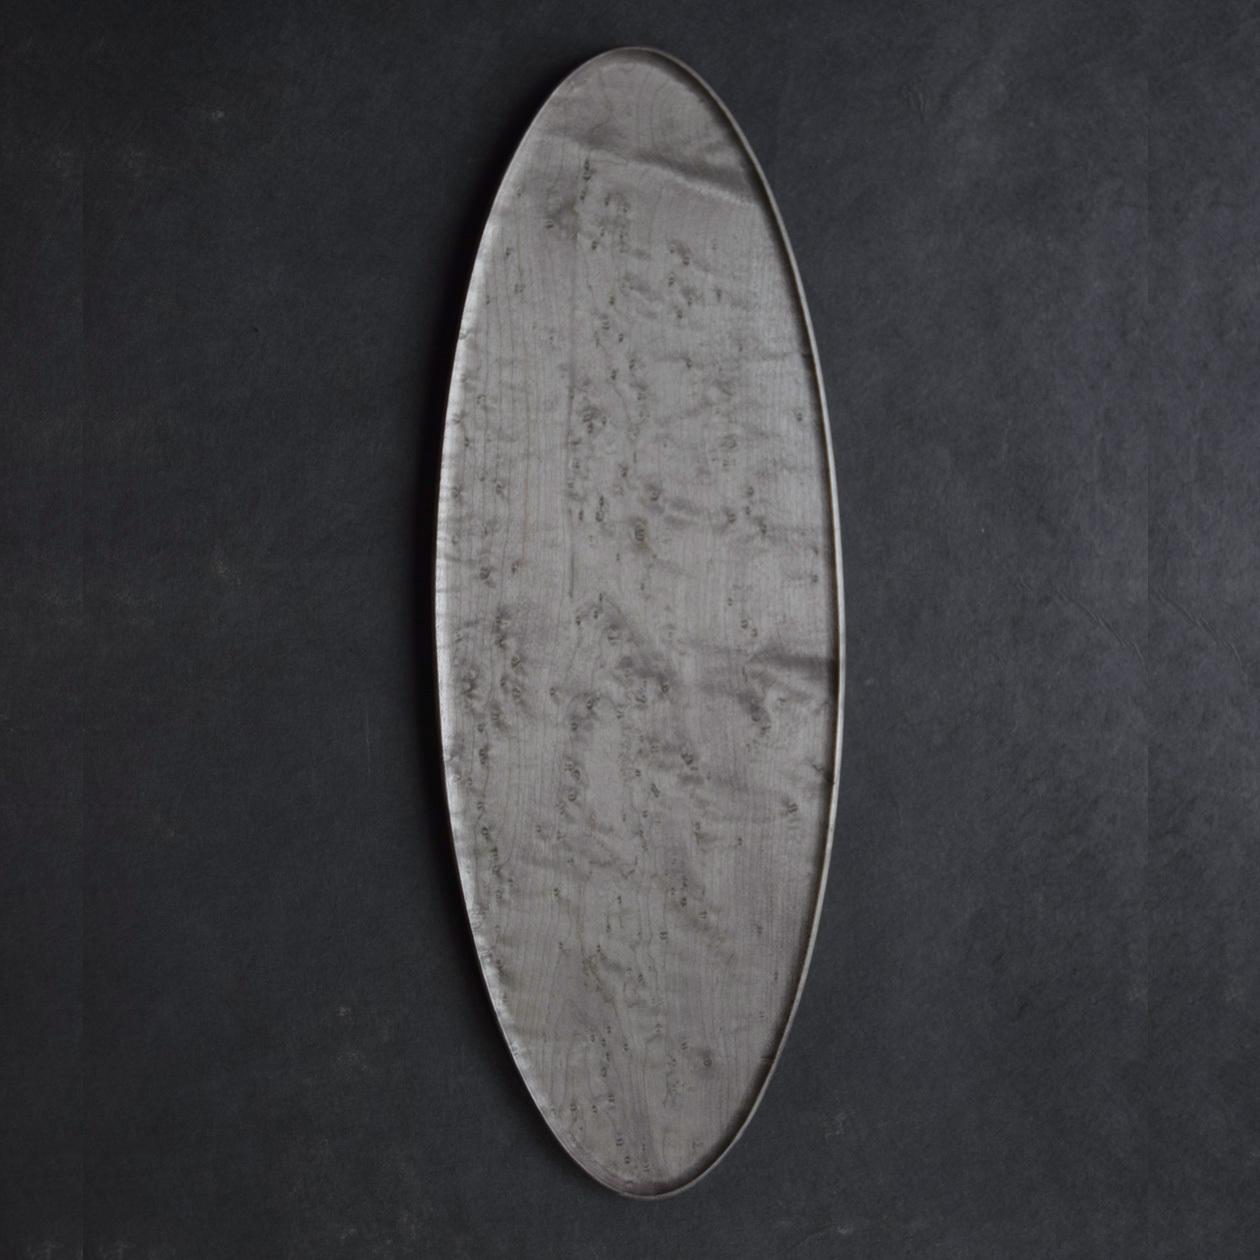 北山栄太 Eita Kitayama  オーバルプレート バーズアイメイプル B (鉄媒染+ガラスコーティング)